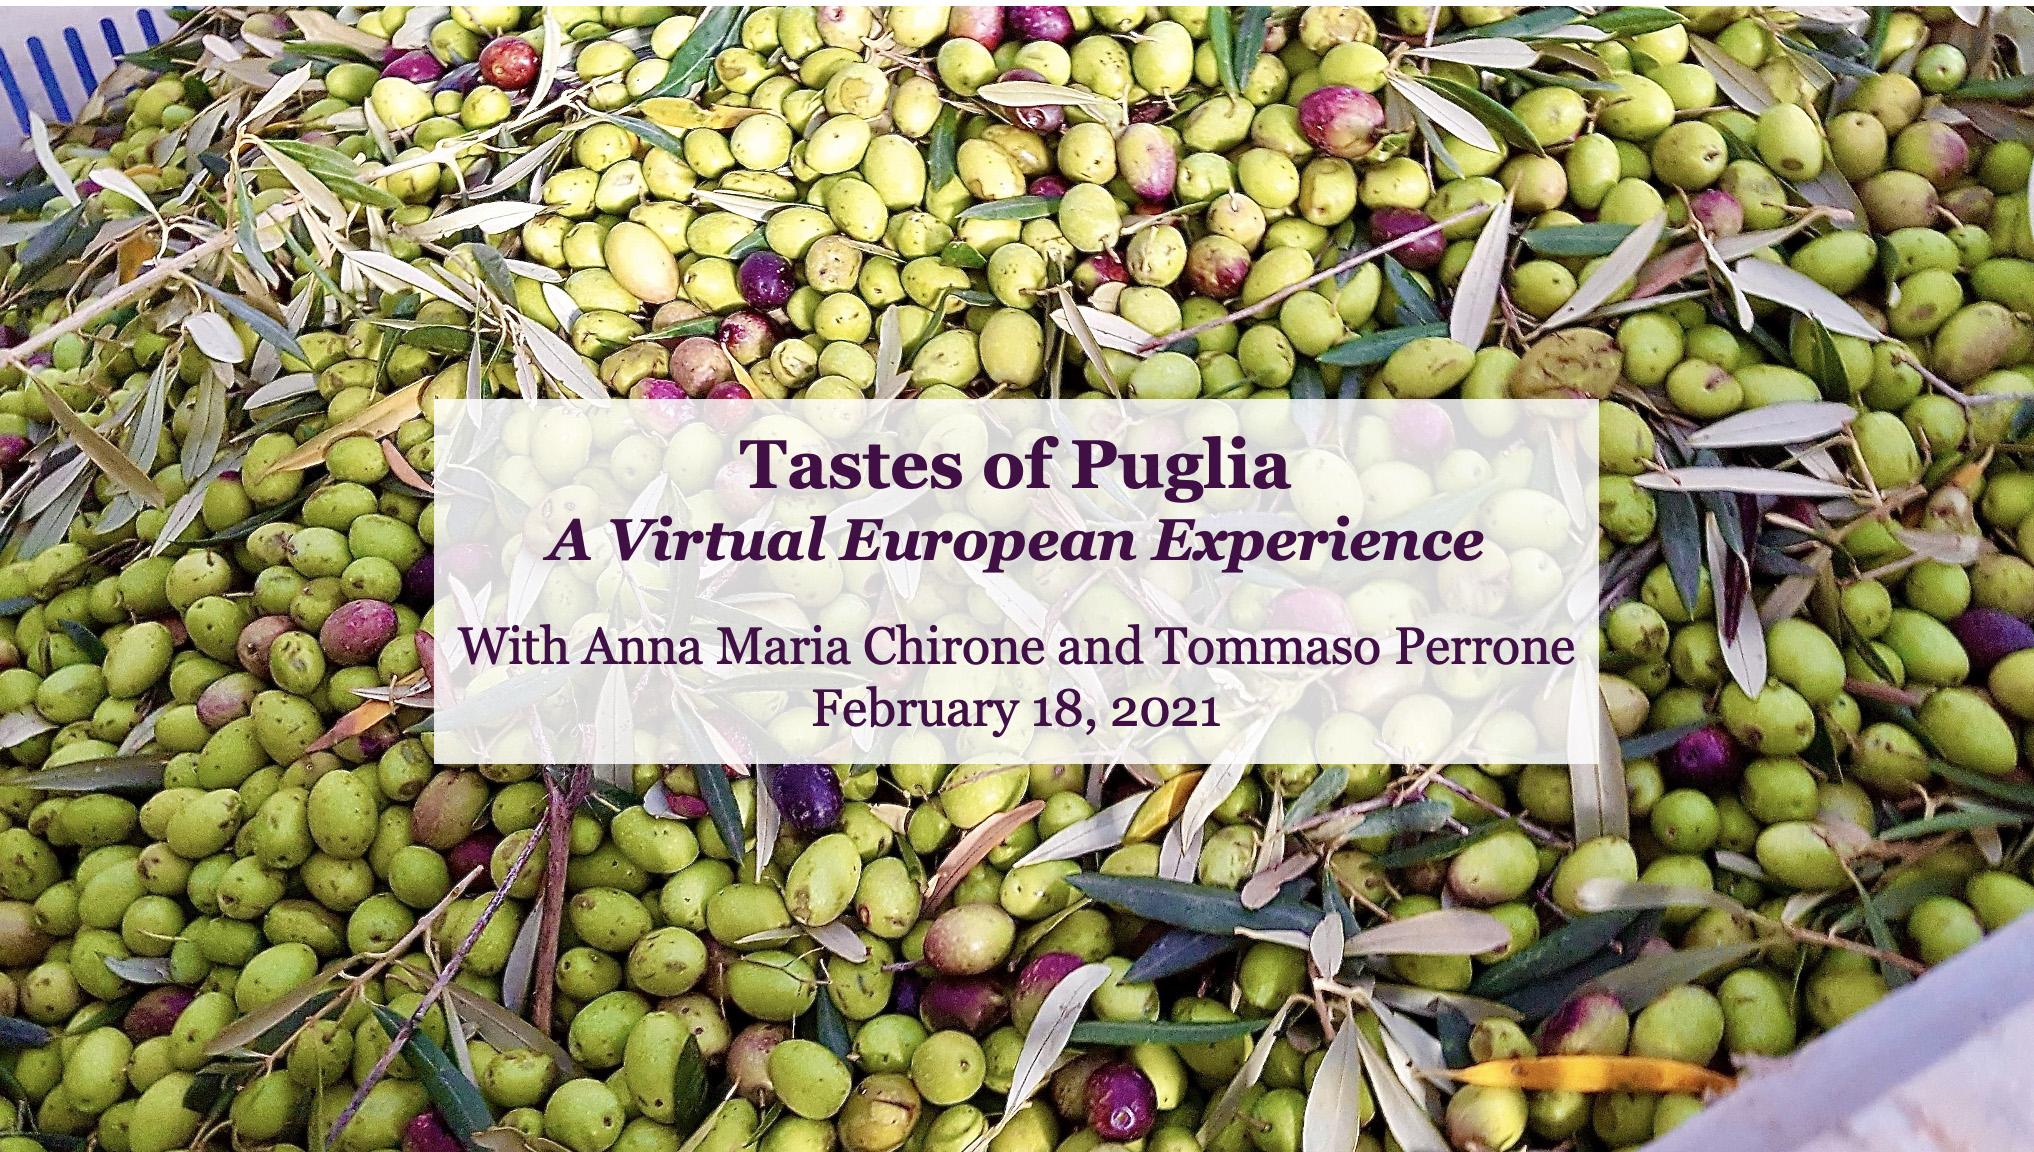 Tastes of Puglia